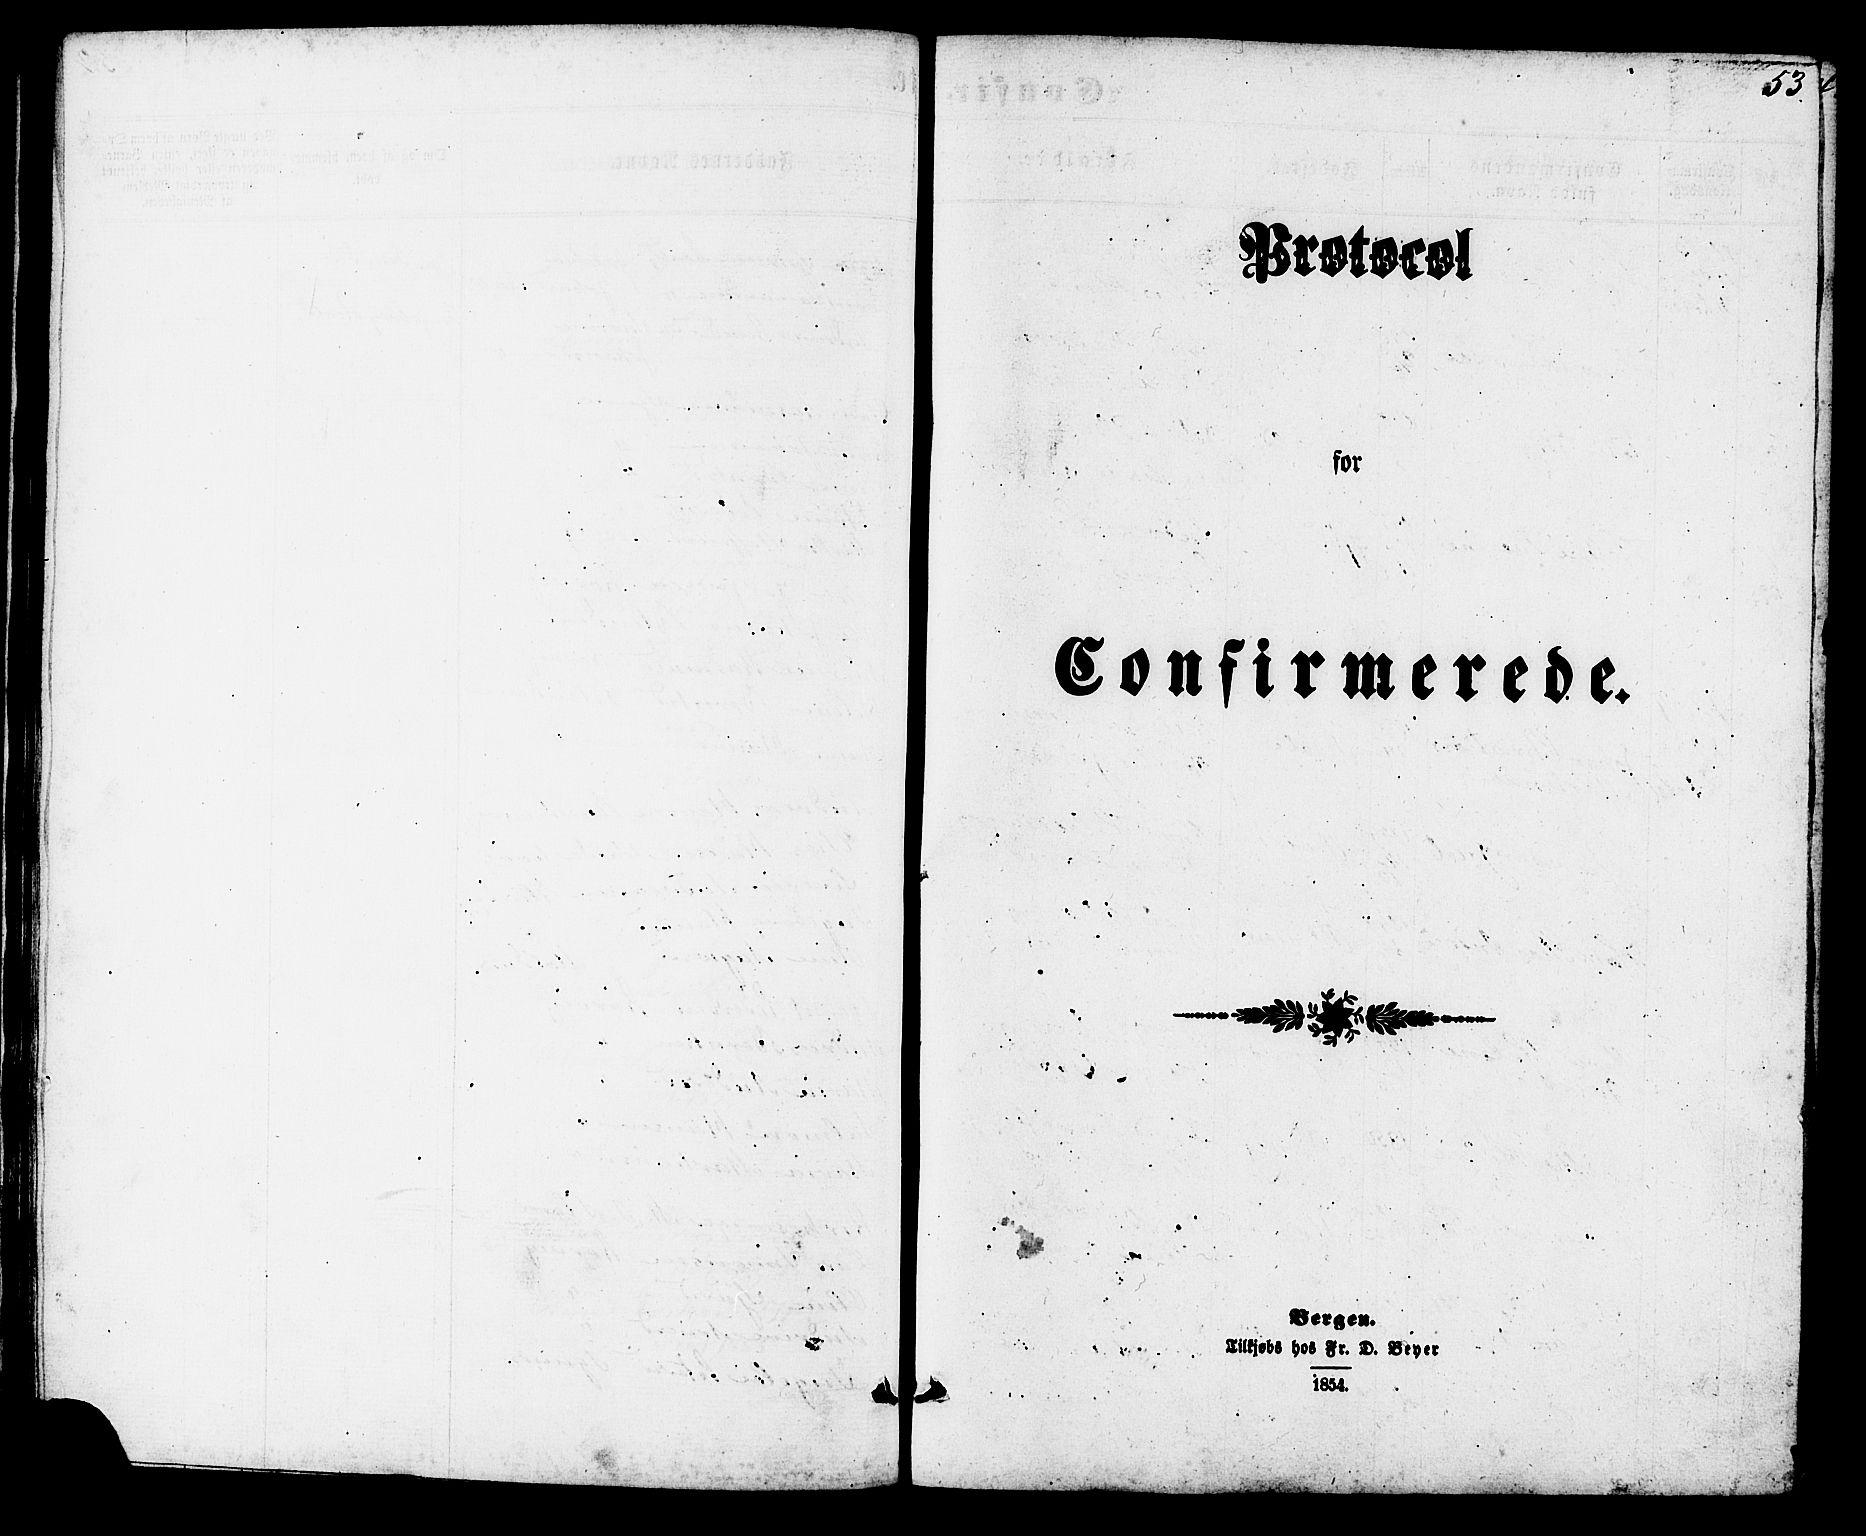 SAT, Ministerialprotokoller, klokkerbøker og fødselsregistre - Møre og Romsdal, 537/L0518: Ministerialbok nr. 537A02, 1862-1876, s. 53